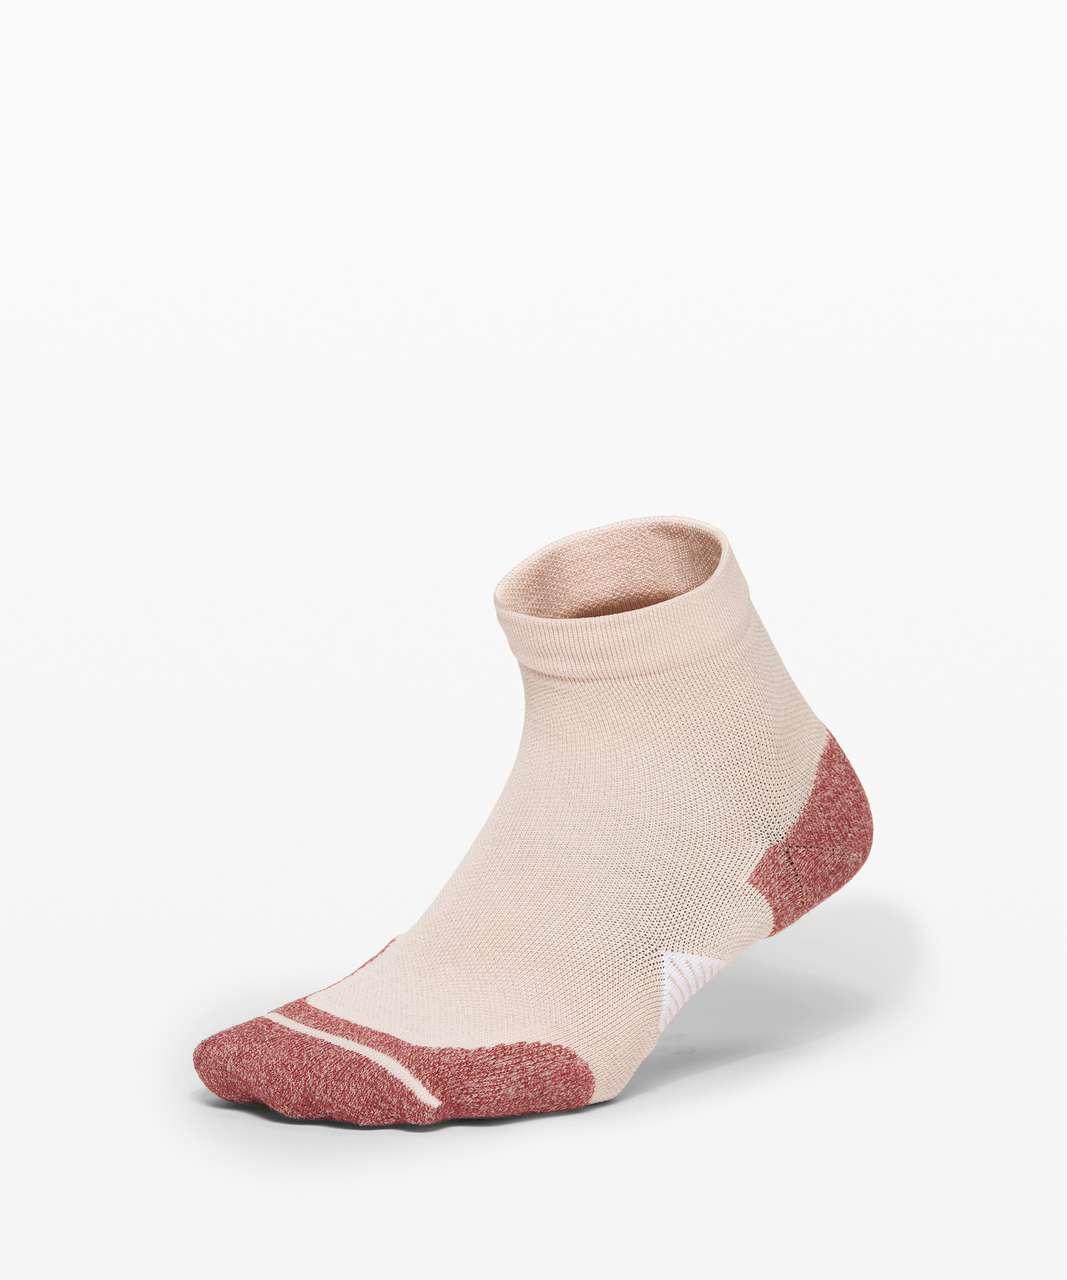 Lululemon Speed Ankle Sock *Silver - Ballet Slipper / Chianti